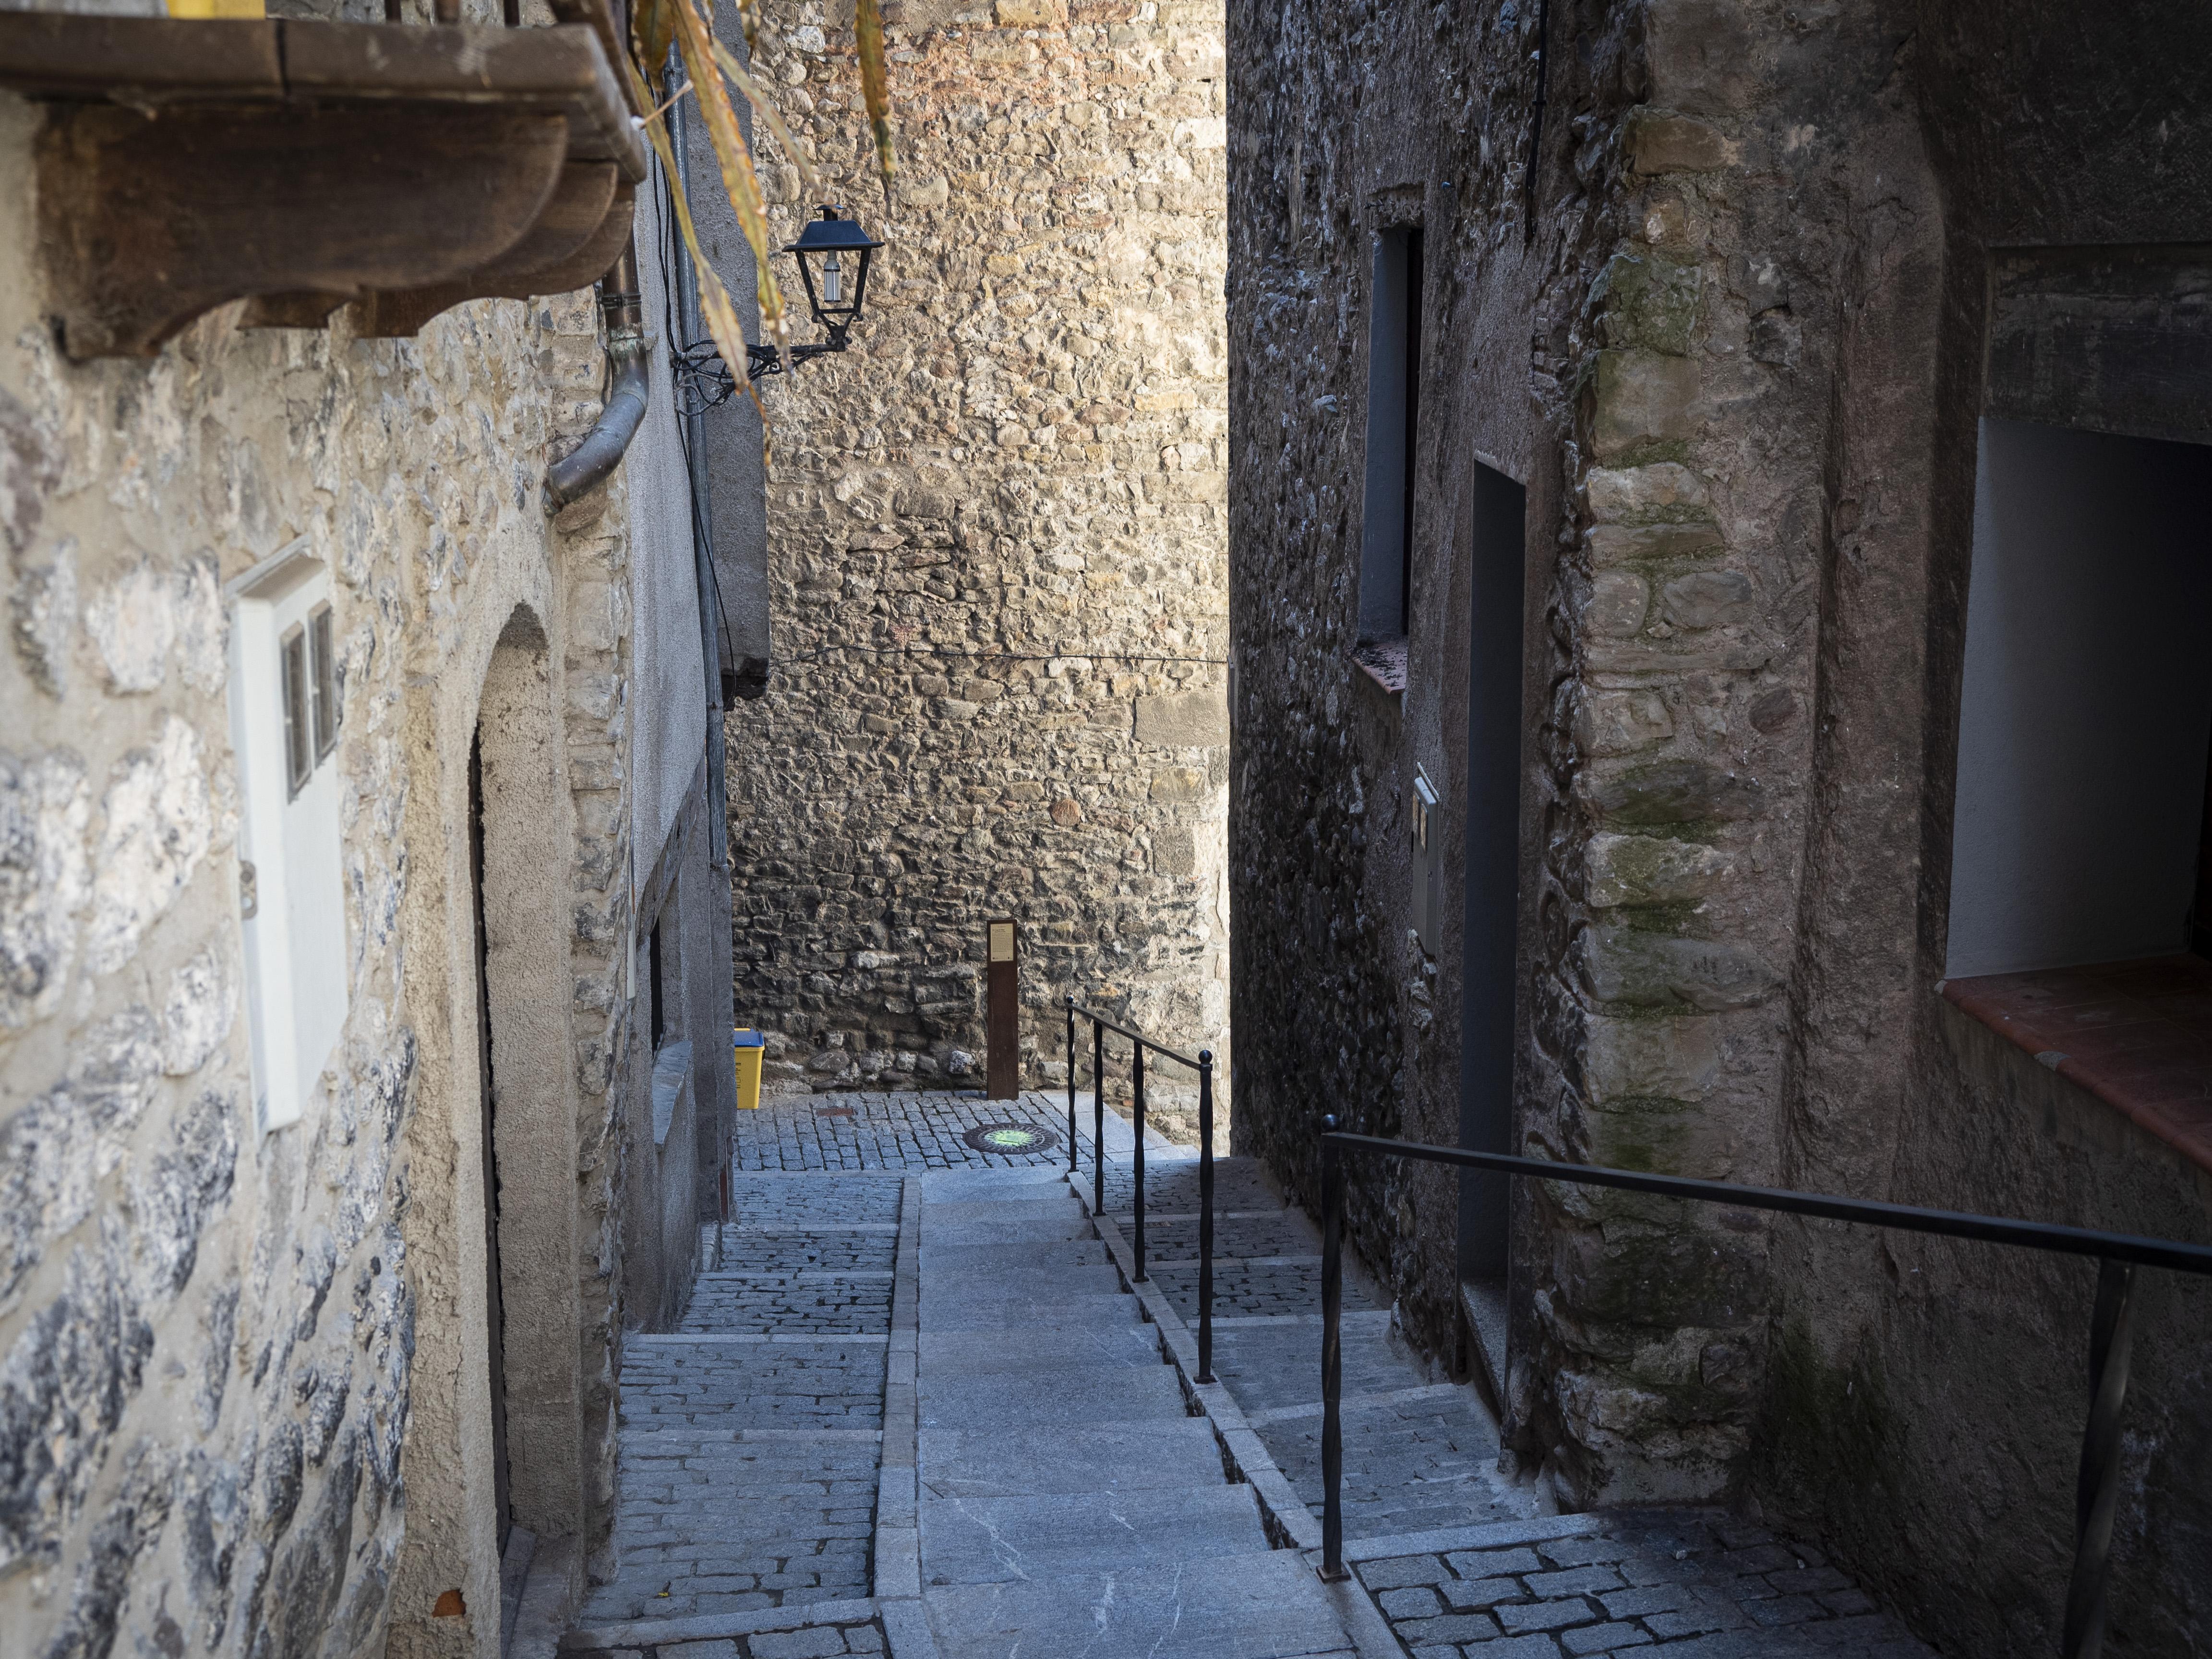 Bagà, una vila medieval 8. FOTO: Anna E. Puig